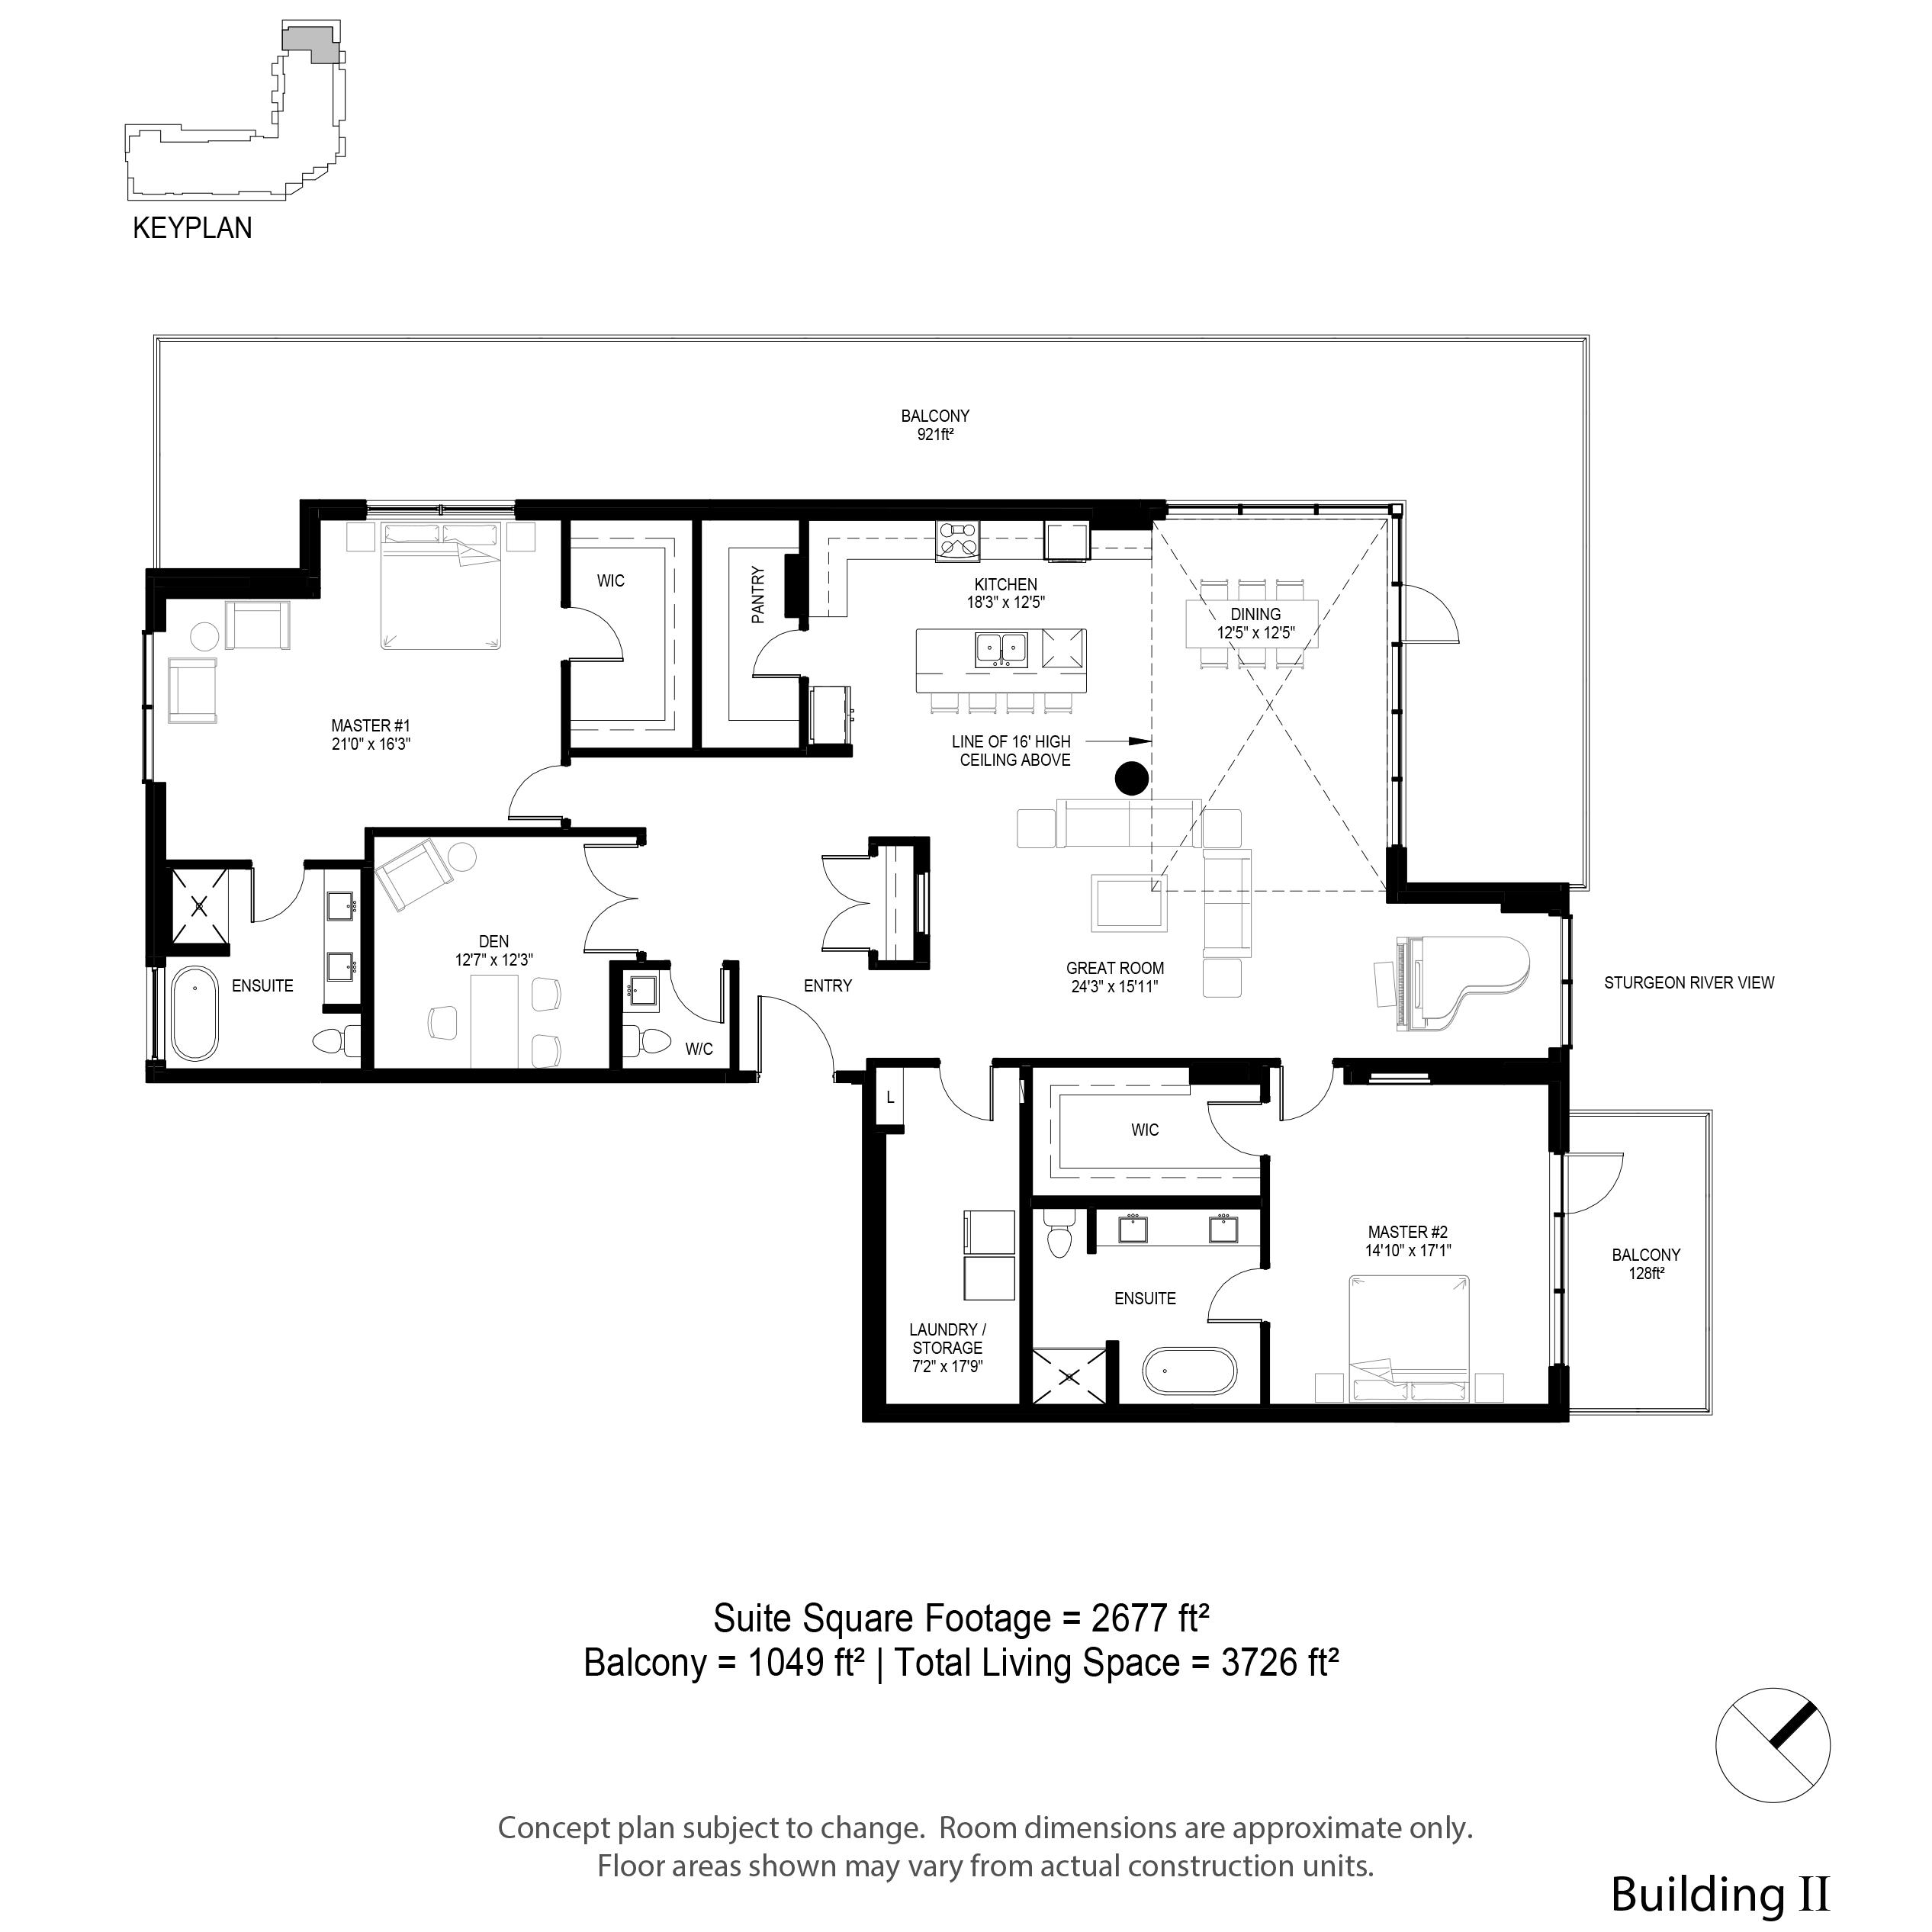 Suite-Floor-Plan-Takeaway-Building-II-Unit-II-EP5